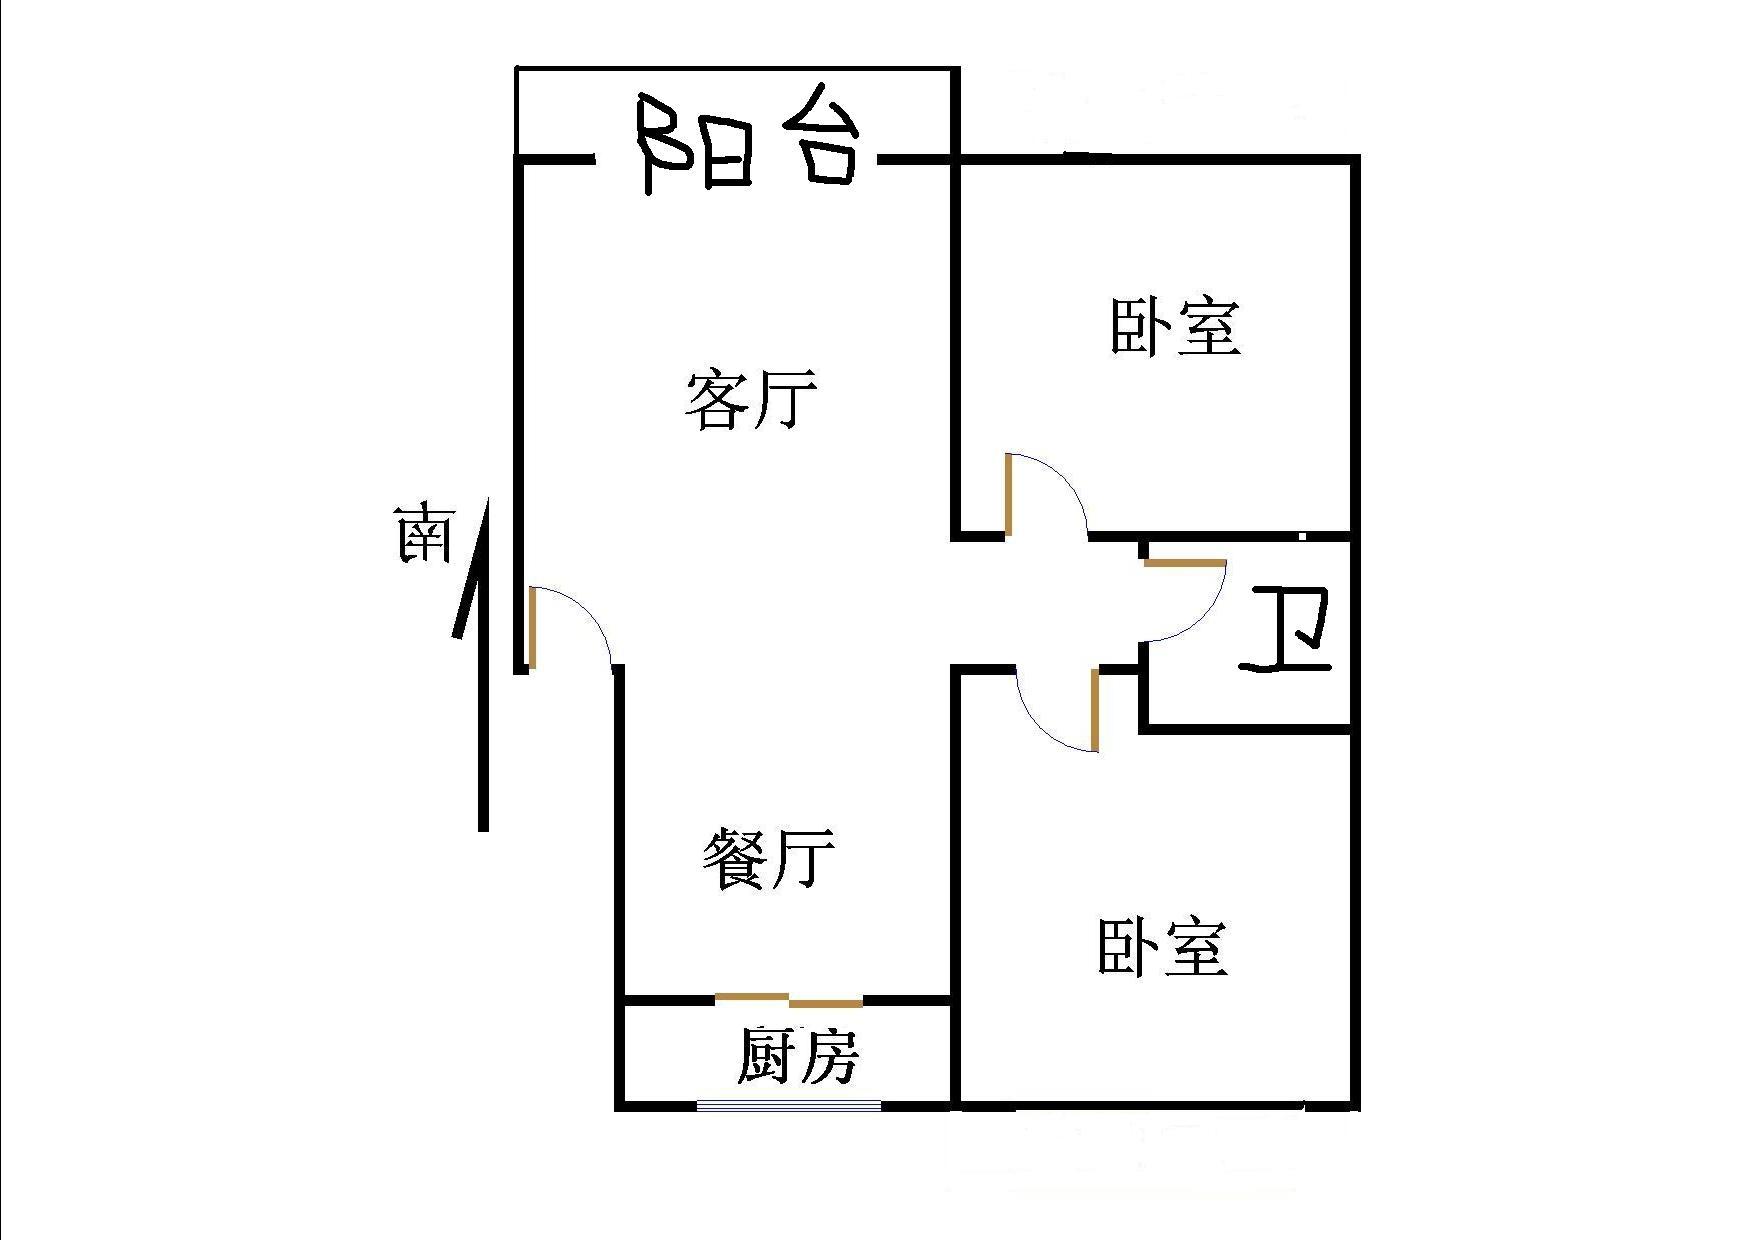 颐和家园 2室2厅 5楼